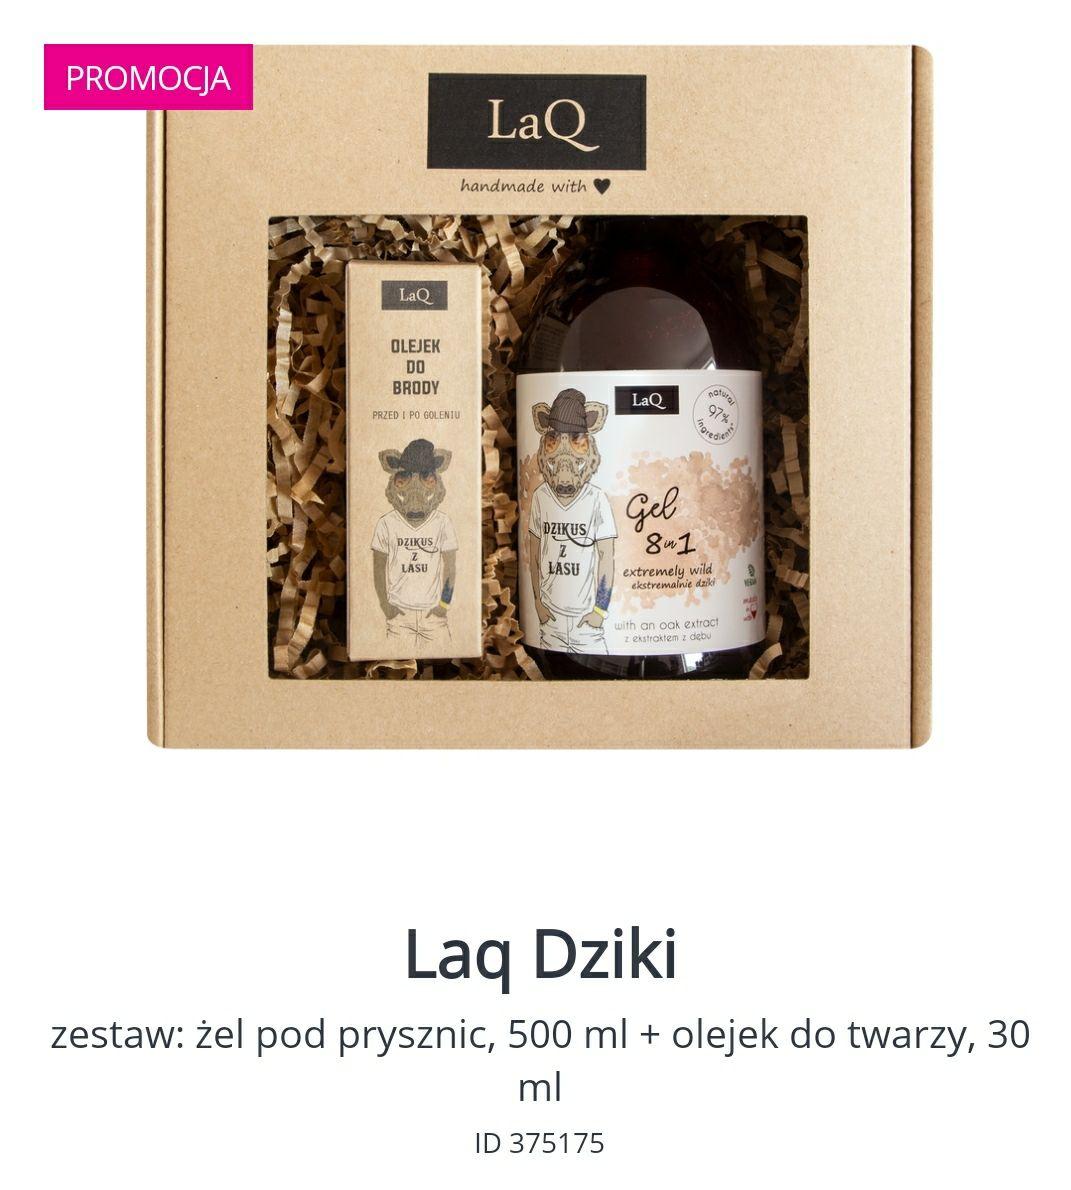 Męski zestaw LaQ żel pod prysznic, 500 ml + olejek do brody 30 ml